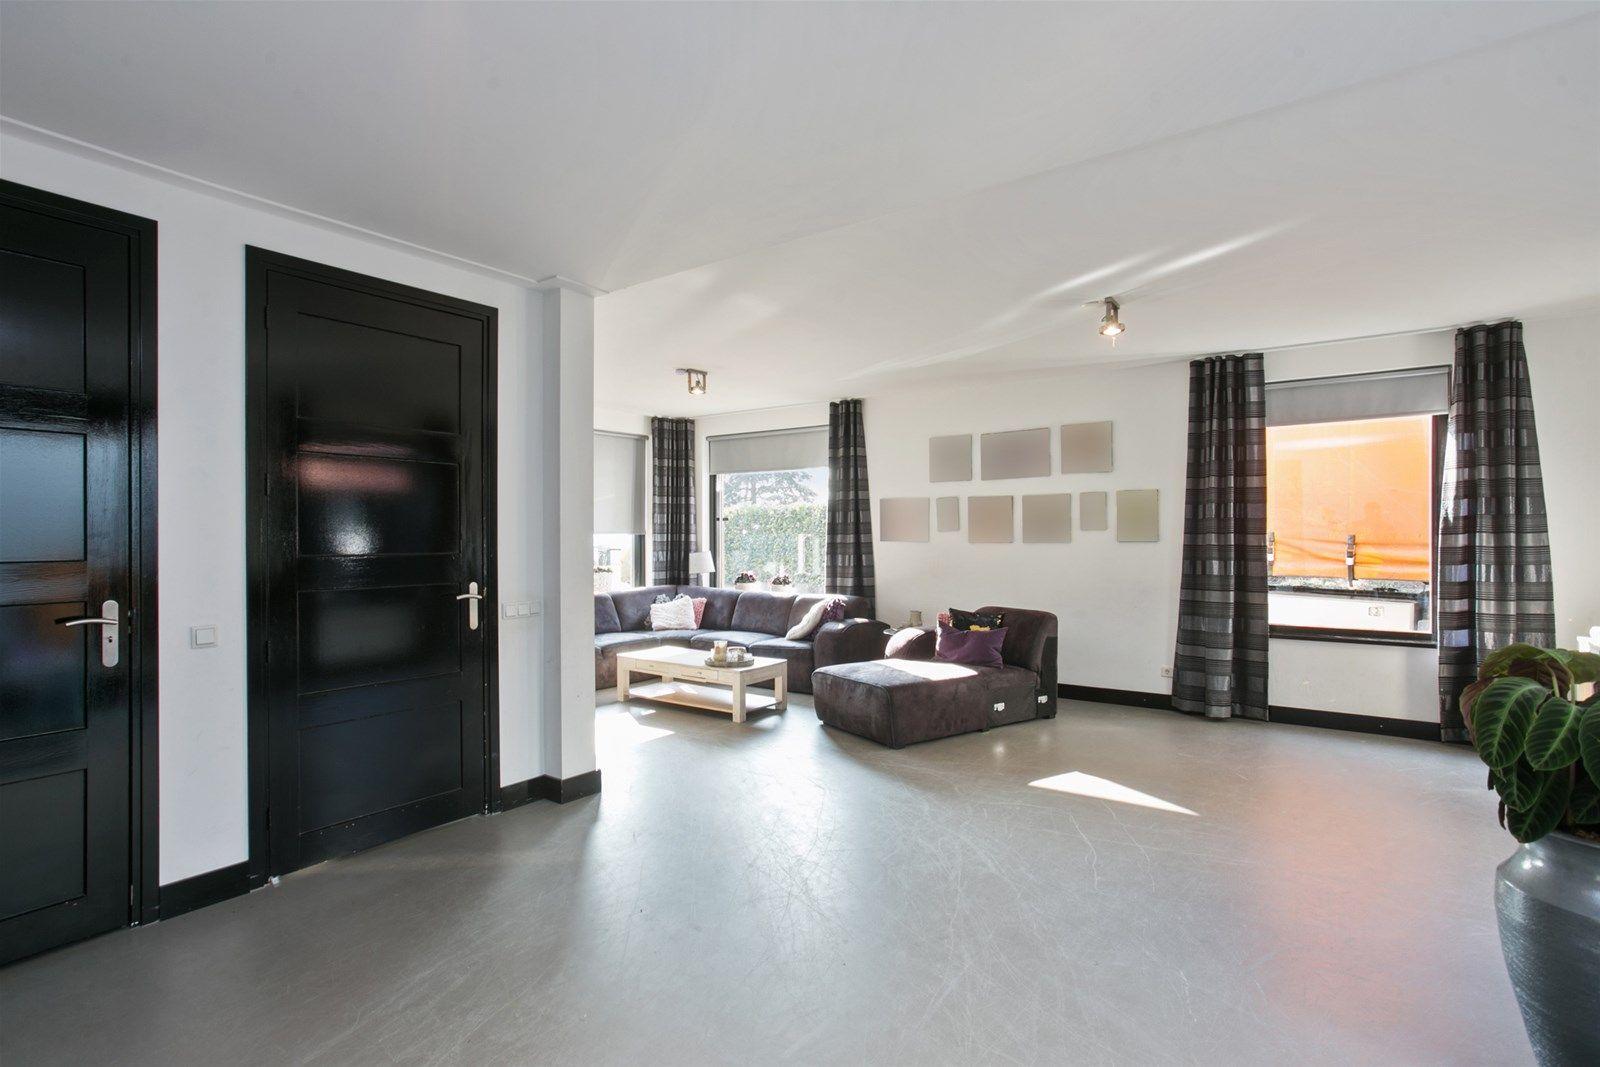 In het buitengebied nabij het Liesbos en op 10 autominuten van diverse uitvalswegen en de stad Breda, staat deze bedrijfsruimte uit 2001 (600 m²) met inpandige kantoorruimte/showroom, spuitcabine en zeer nette woning uit het jaar 2007/2008 (600 m³). De woning kent op de begane grond een ruime woonkamer, keuken, bijkeuken, hal, toilet en toegang tot de kelder. De eerste verdieping is voorzien van een  badkamer, drie slaapkamers en een ruime hal welke deels in gebruik is als slaapkamer.   Voor de mogelijkheden m.b.t. het bestemmingsplan kunt u telefonisch contact opnemen met ons kantoor.   BEGANE GROND  Entree/hal  Afwerking- gietvloer/beton look, stucwerk wanden en een deels houten platen en deels stucwerk plafond.   Toiletruimte met -zwevend- closet.  Afwerking- gietvloer/beton look, deels houten platen en deels stucwerk wanden.  Het plafond is tevens afgewerkt met deels houten platen en deels stucwerk.  Ruime woonkamer met toegang tot de kelder en schuifpui naar patio.  Afwerking- gietvloer/beton look, stucwerk wanden en een stucwerk plafond.   Keuken in rechte opstelling uitgerust met een granieten aanrechtblad, 1 spoelbak, gas kookplaat,  combi-magnetron, gasoven en RVS afzuigkap.  Afwerking- gietvloer/beton look, deels stucwerk en deels betegelde wanden.  Het plafond is tevens afgewerkt met stucwerk.   Praktische bijkeuken met cv installatie en deur naar terras.   Afwerking- gietvloer/beton look, stucwerk wanden en een stucwerk plafond.   EERSTE VERDIEPING Overloop met bergkast Afwerking- vloerbedekking, stucwerk wanden en een stucwerk plafond.   Slaapkamer 1- voorzien van een deur naar balkon.  Afwerking- vloerbedekking, stucwerk wanden en een platen plafond.   Slaapkamer 2-  Afwerking- vloerbedekking, stucwerk wanden en een stucwerk plafond.   Slaapkamer 3-  Afwerking- vloerbedekking, stucwerk wanden en een stucwerk plafond.   Slaapkamer 4-  Afwerking- vloerbedekking, stucwerk wanden en een deels houten platen en deels stucwerk plafond.  Luxe badkamer uitgerus